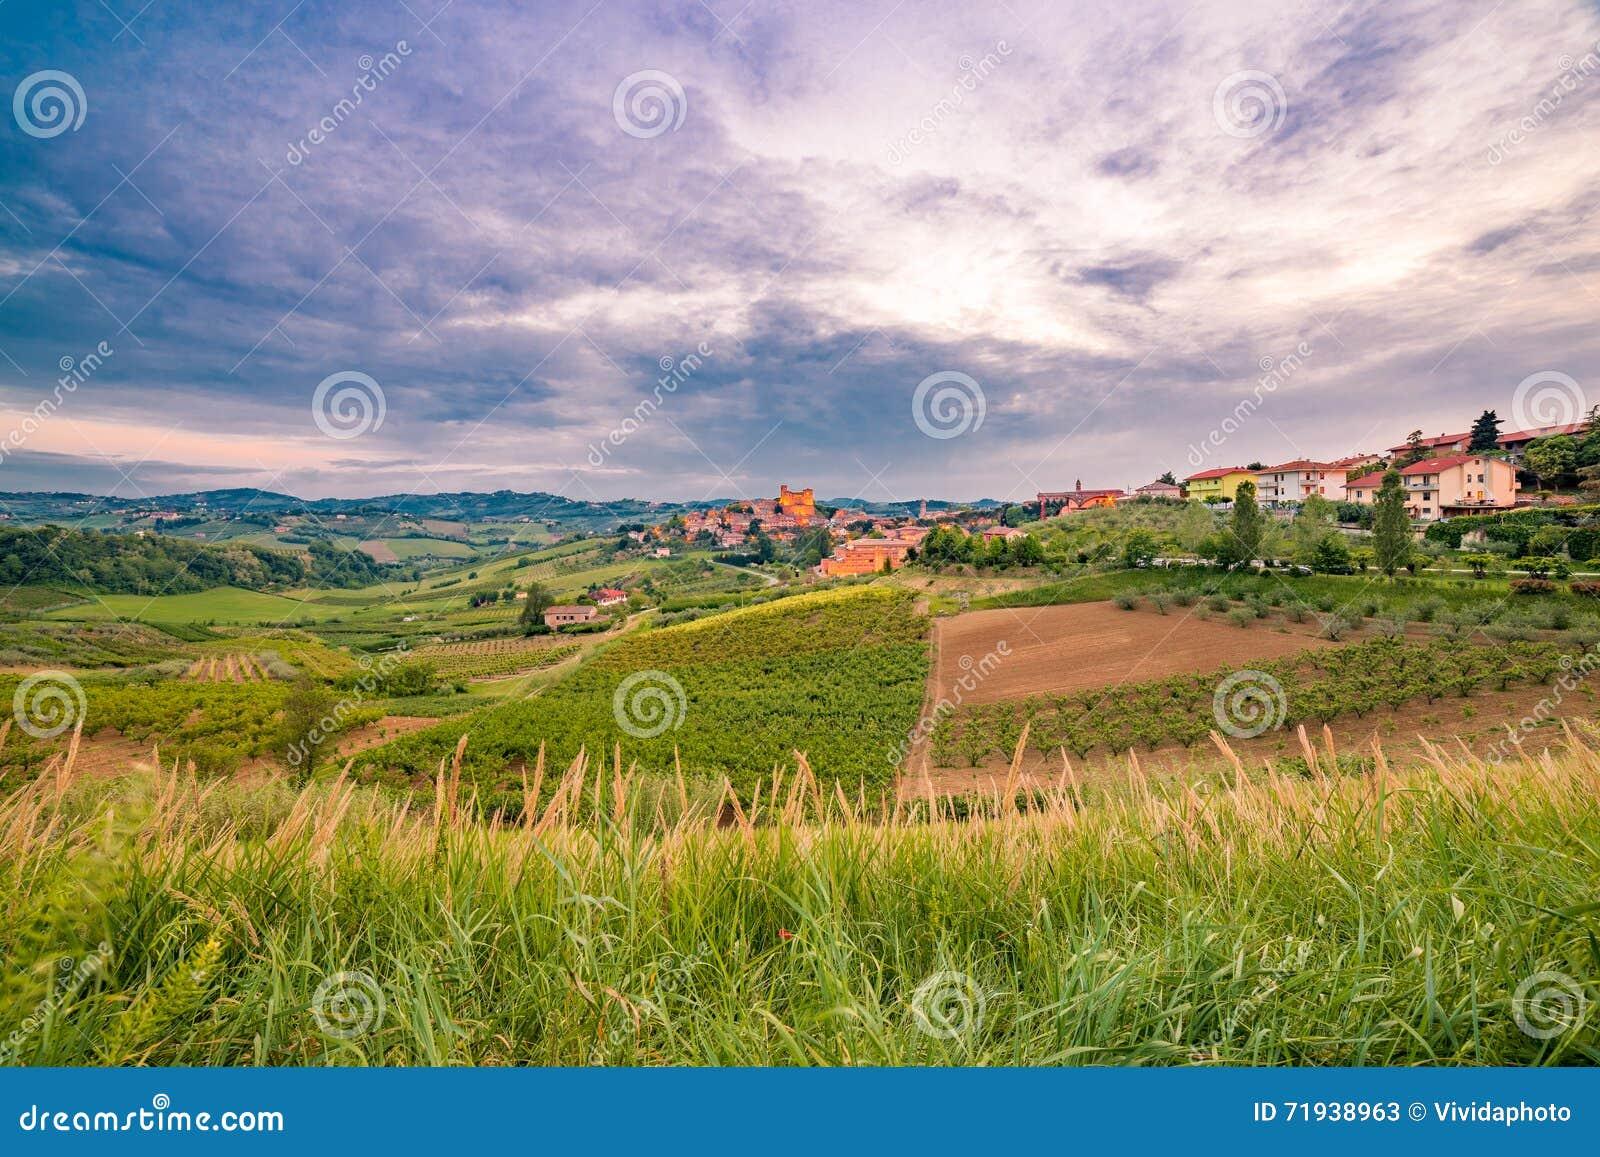 Сельская местность вокруг средневекового замка